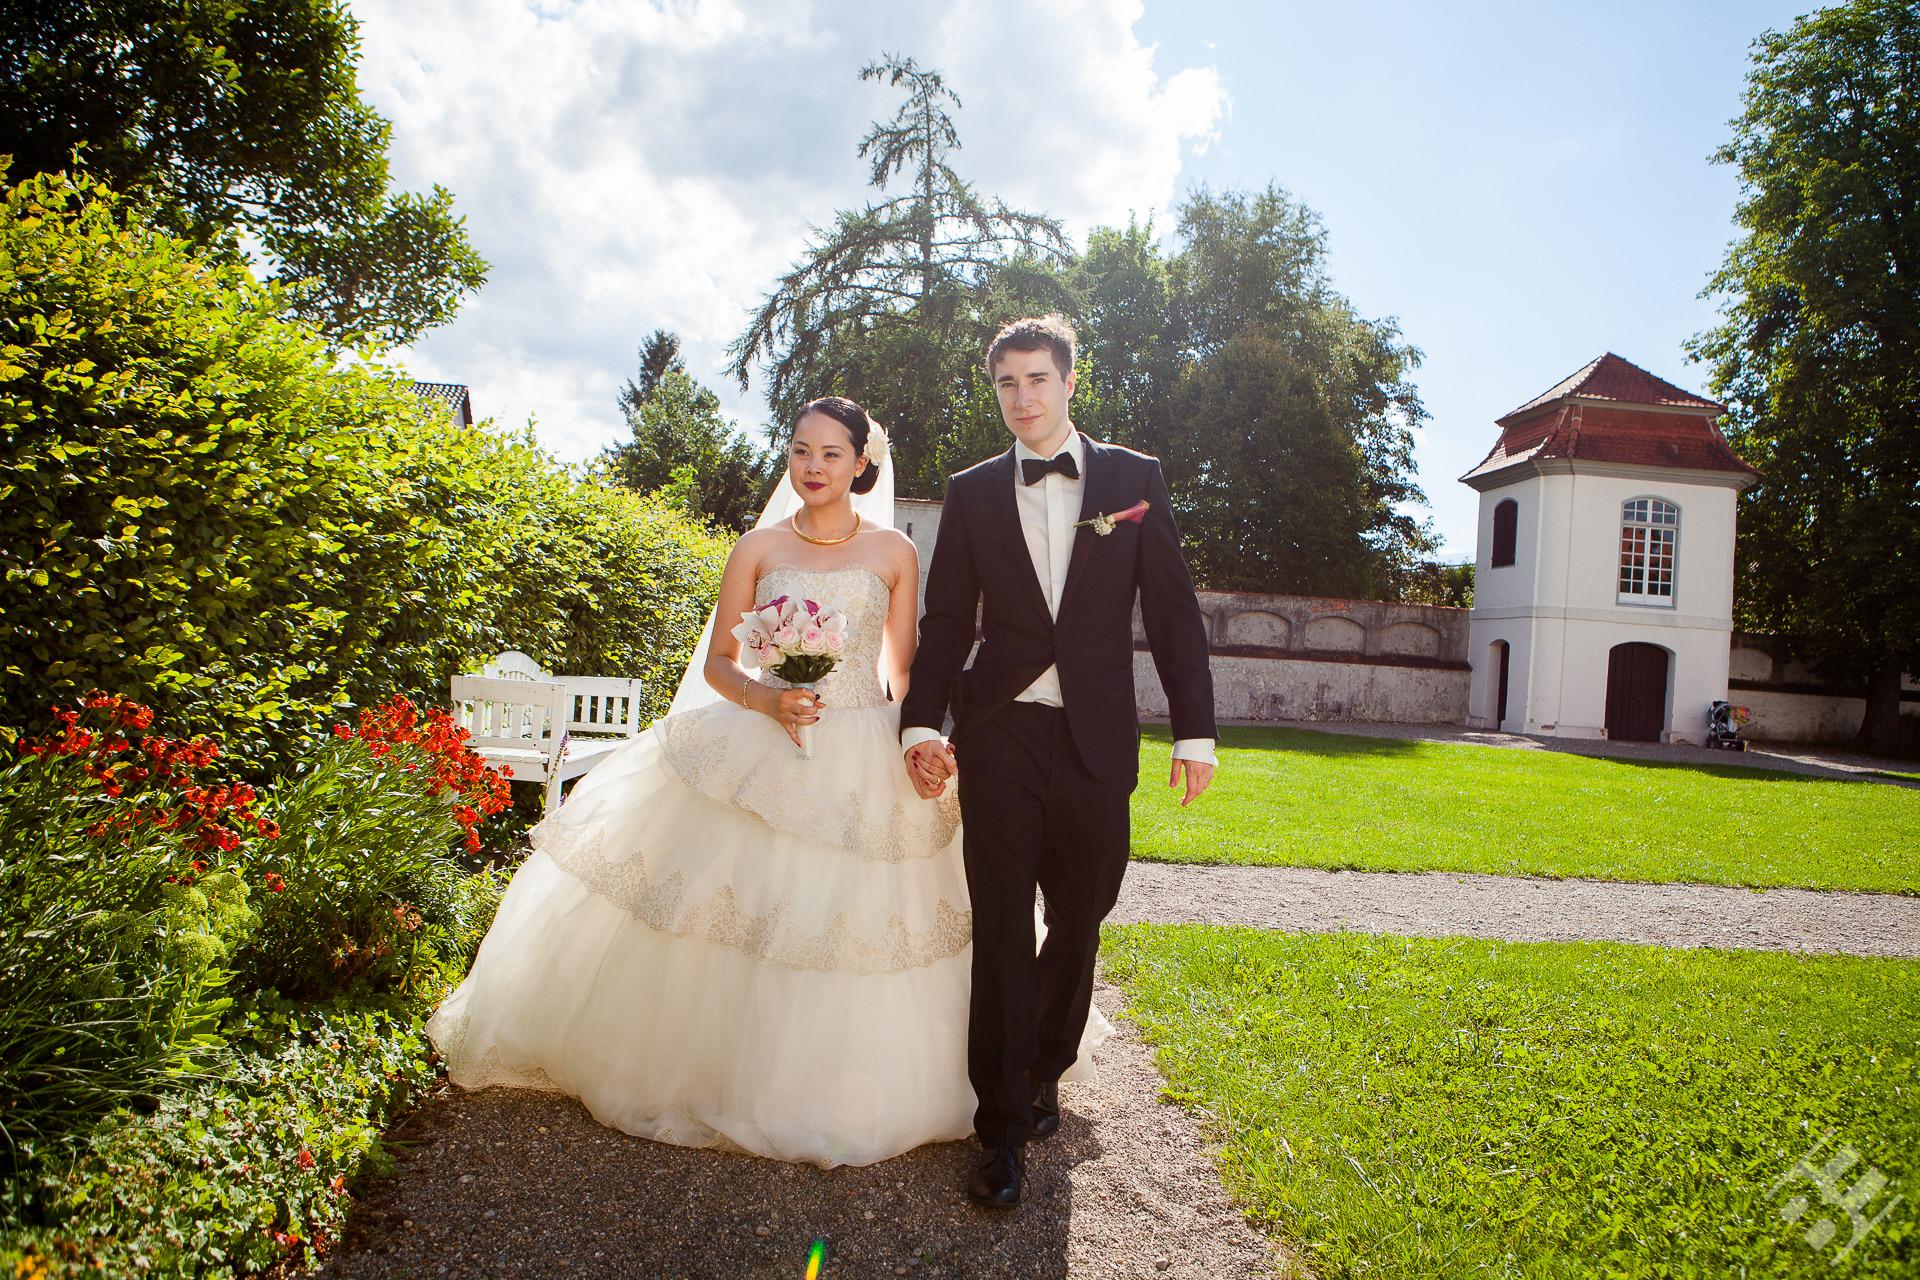 Hochzeit_65_IMG_0469_Volen_Evtimov